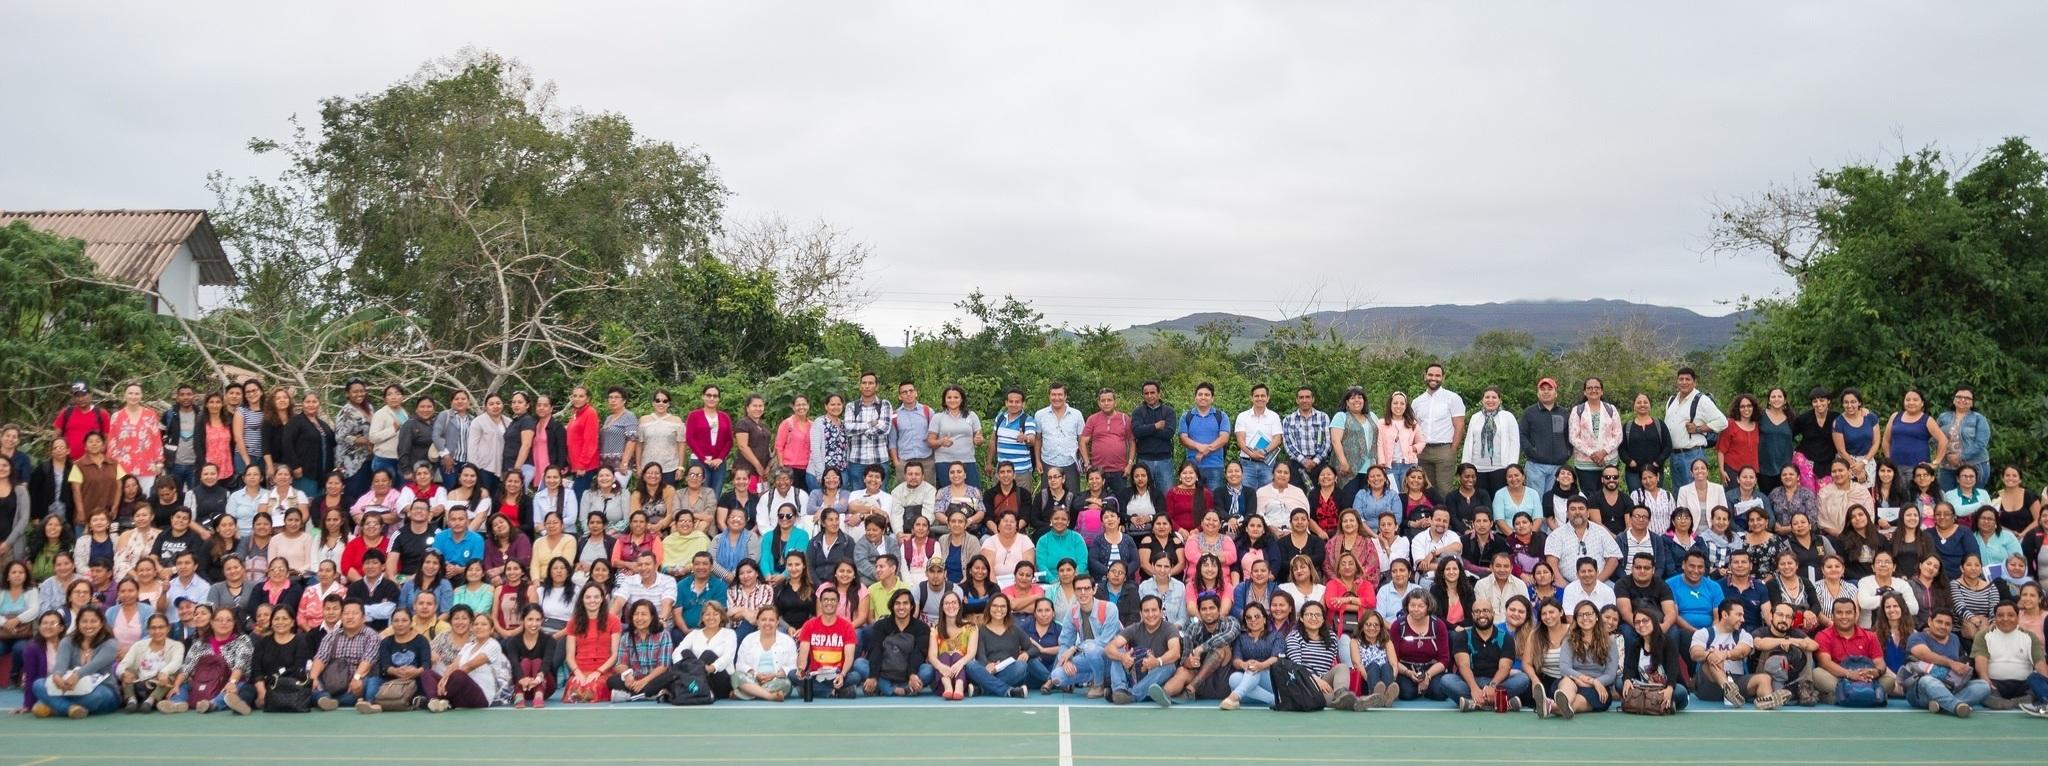 Figura 5 . Durante el Instituto Docente de octubre de 2018, más de 275 docentes participaron en talleres en el campus de la Unidad Educativa Tomás de Berlanga de la Fundación Scalesia. Foto: Buró Comunicación Integral